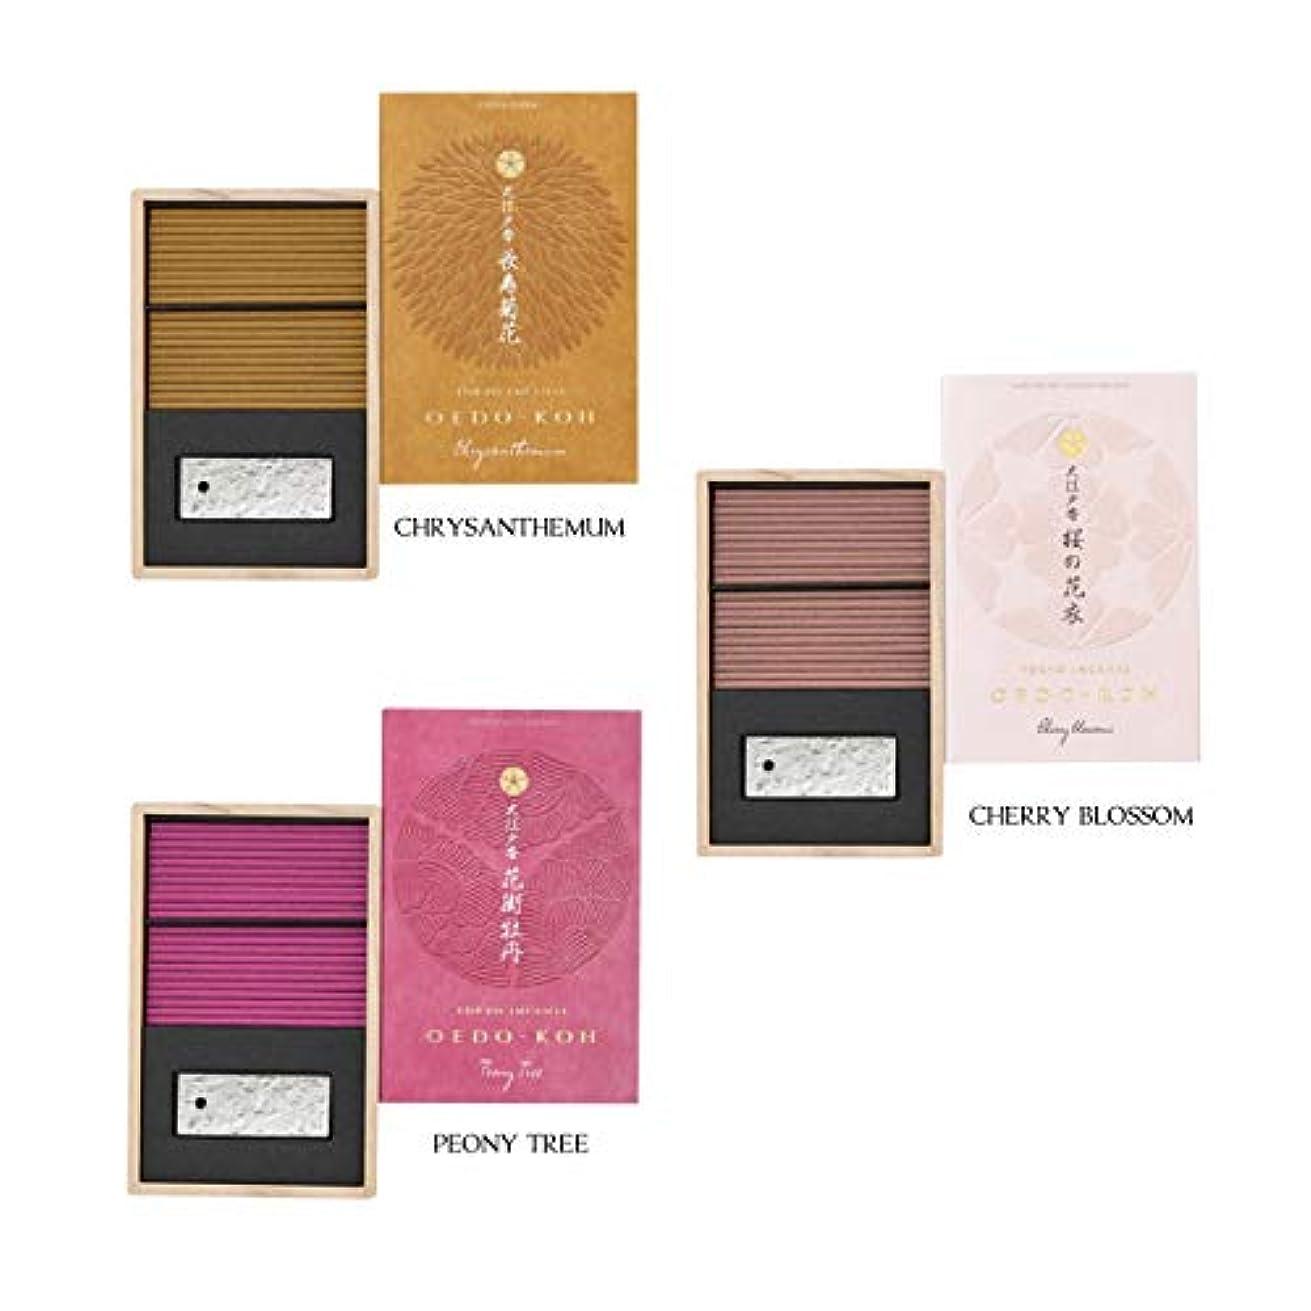 尽きるプログレッシブランドマークニッポン コドー オードコー - エド ジャパンの美 コレクション (菊、牡丹の木、桜)